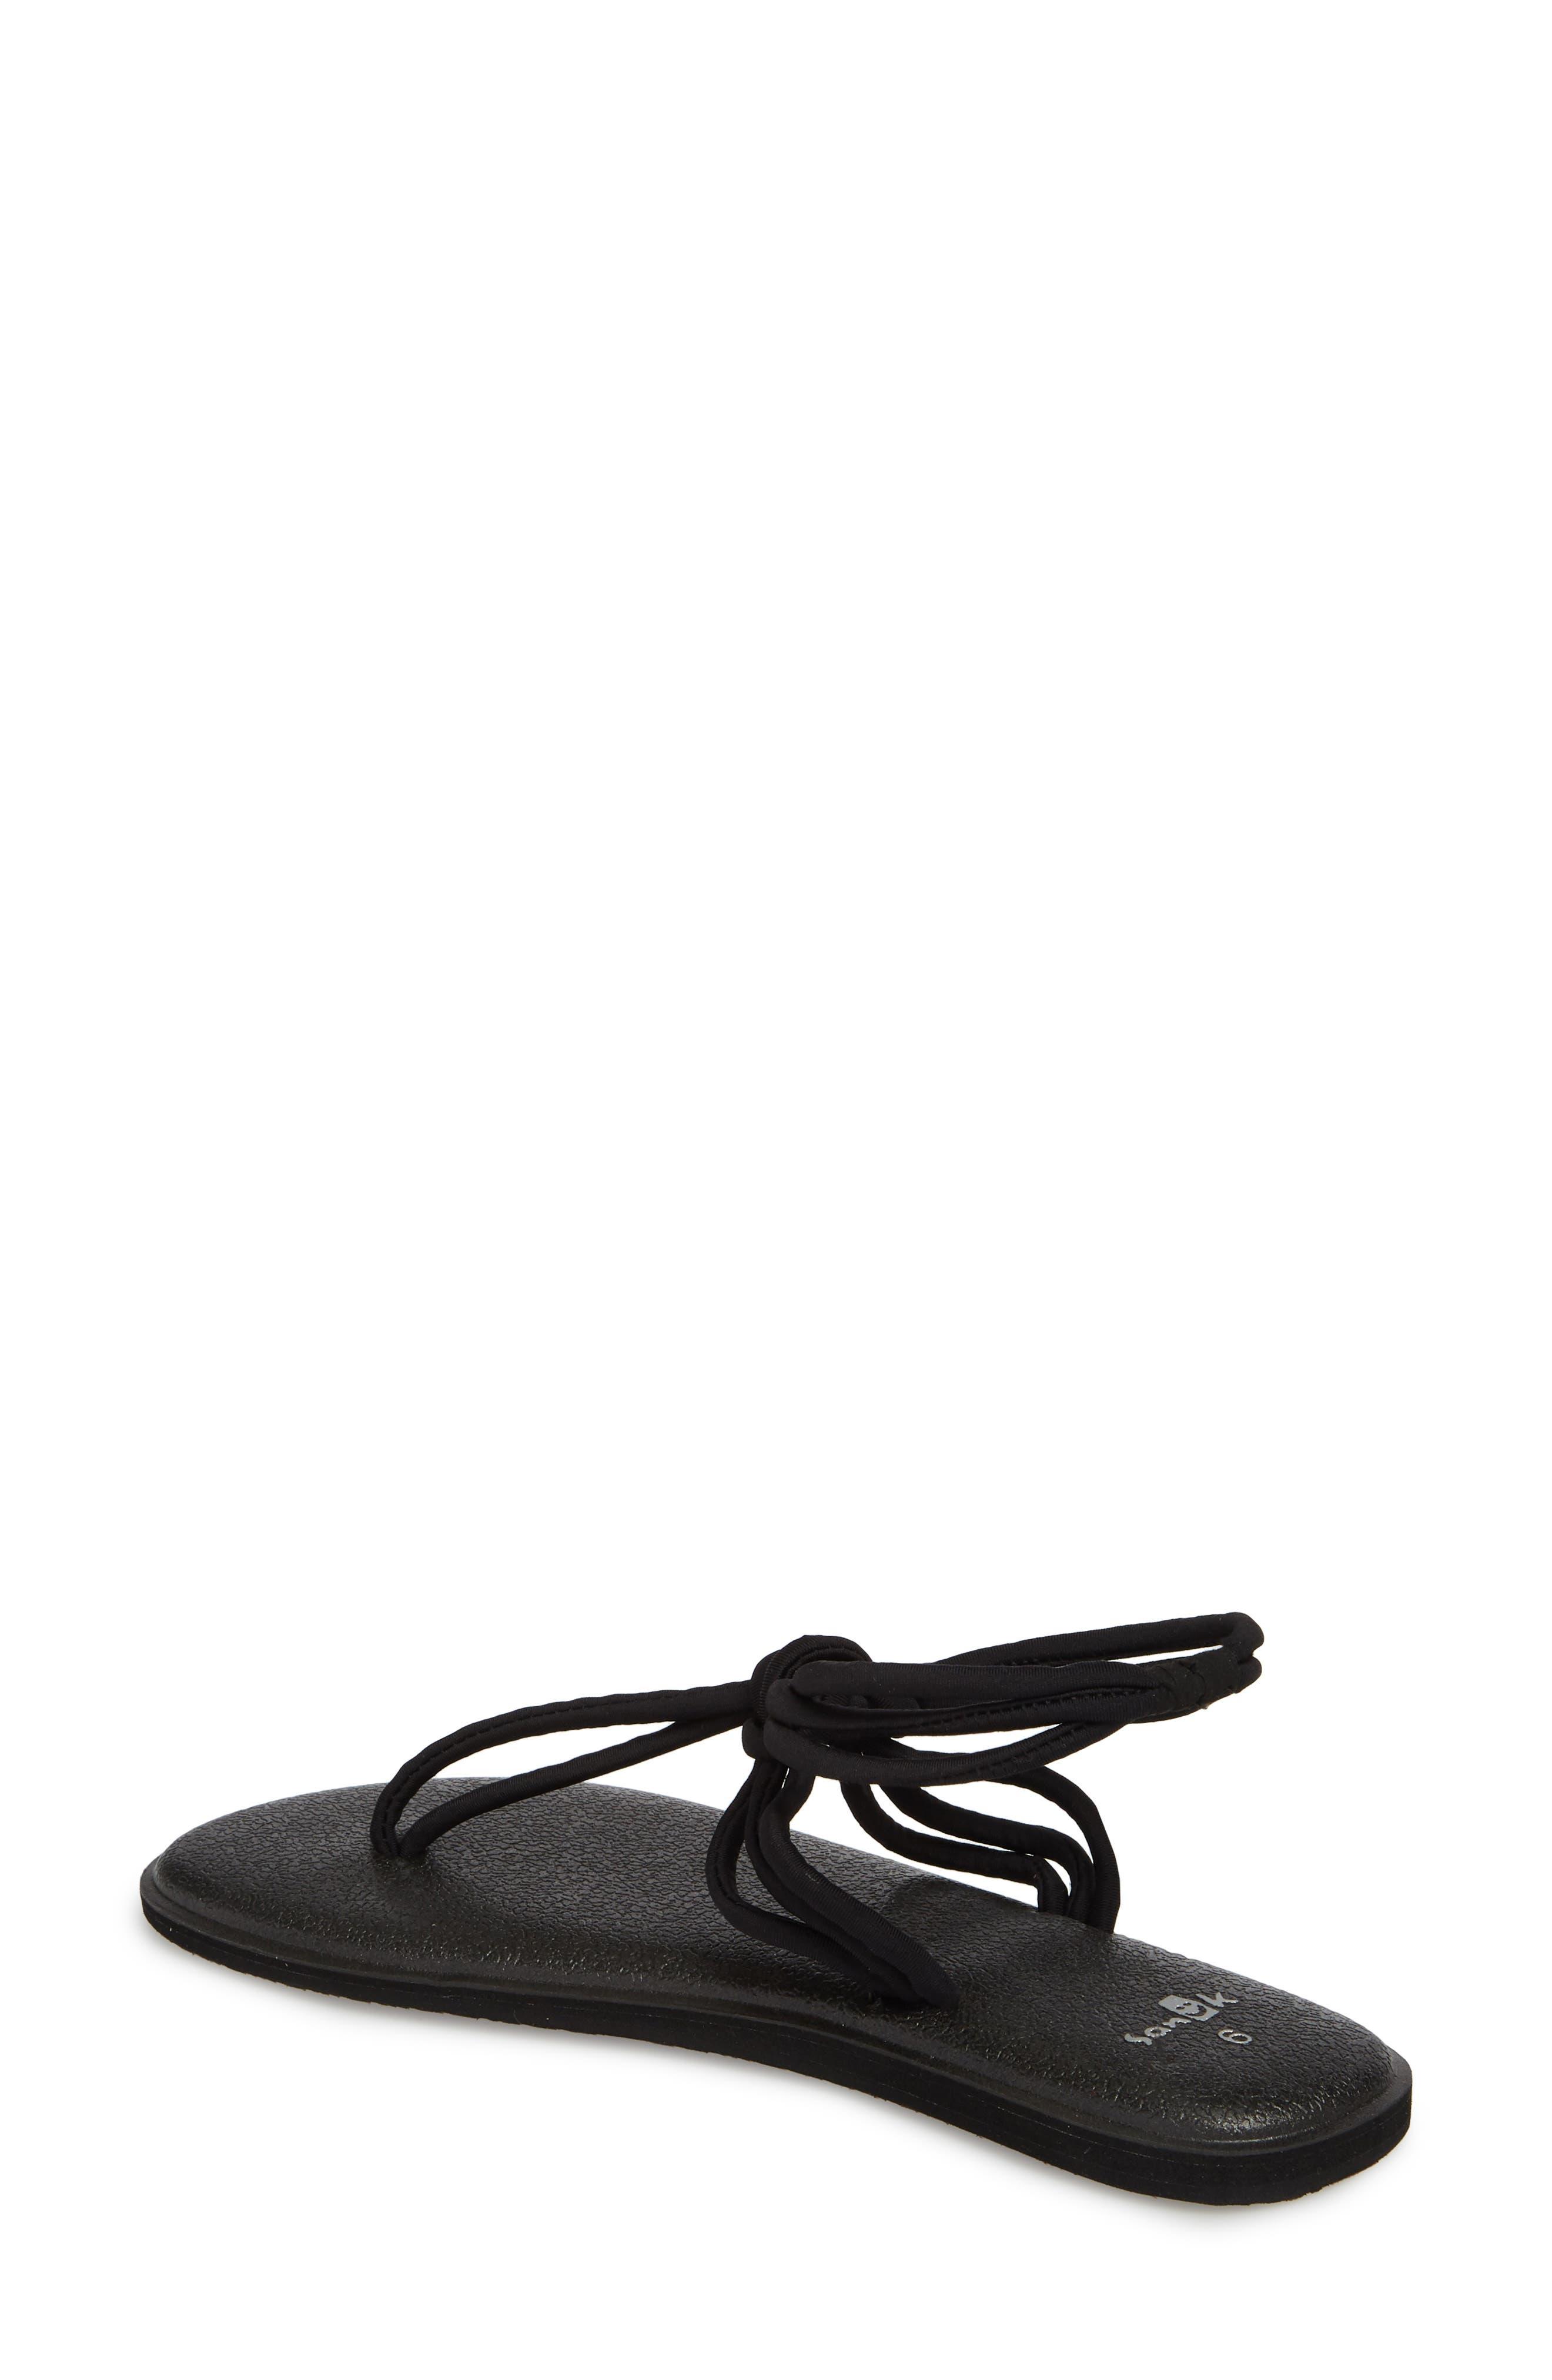 Yoga Sunshine Knotted Thong Sandal,                             Alternate thumbnail 2, color,                             BLACK